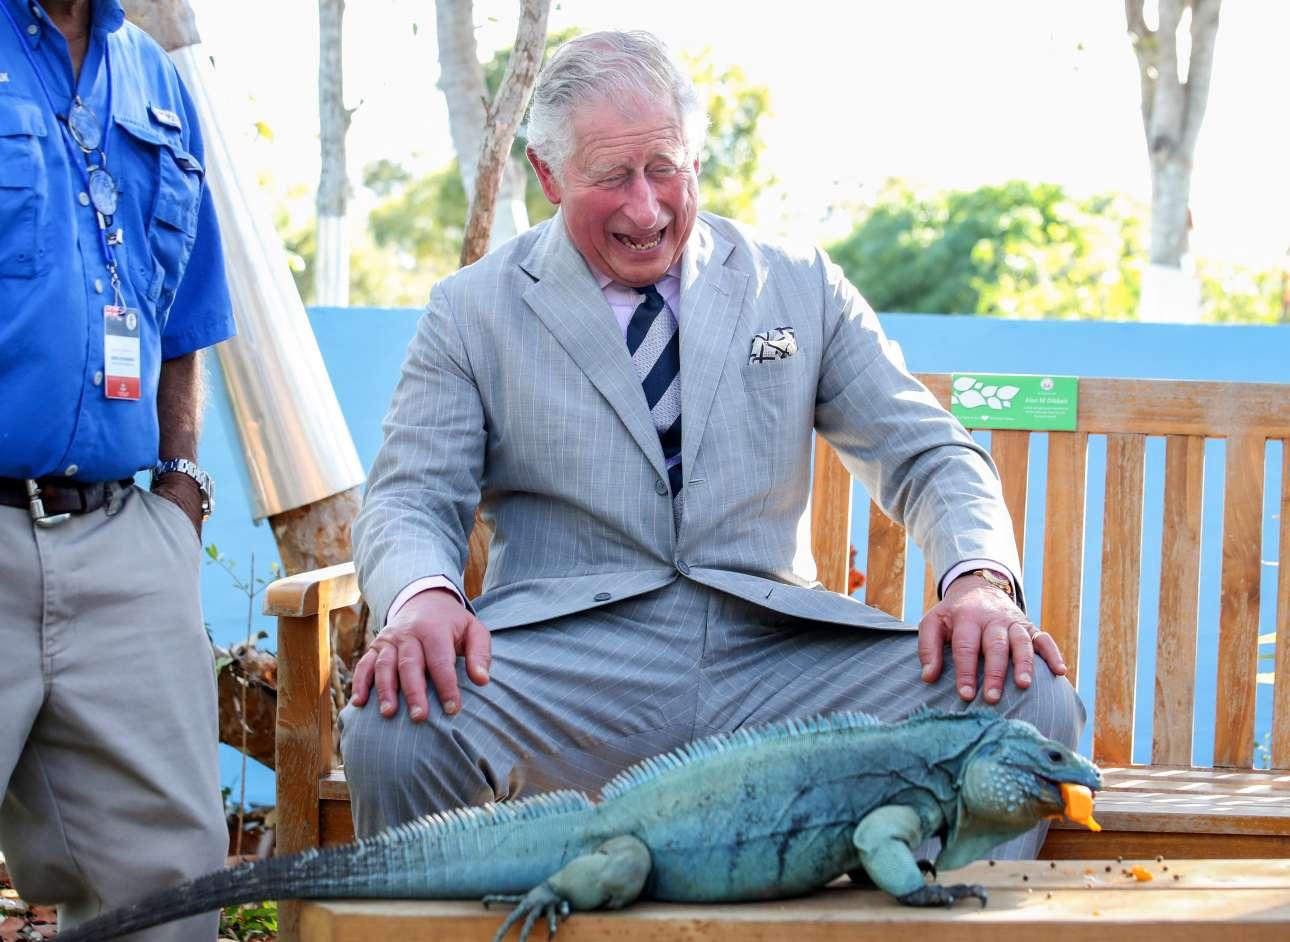 Παρασκευή, 29 Μαρτίου, Νησιά Κέιμαν. O πρίγκιπας Κάρολος διασκεδάζει βλέποντας από κοντά ένα μπλε ιγκουάνα σε πάρκο στο Γκραντ Κέιμαν